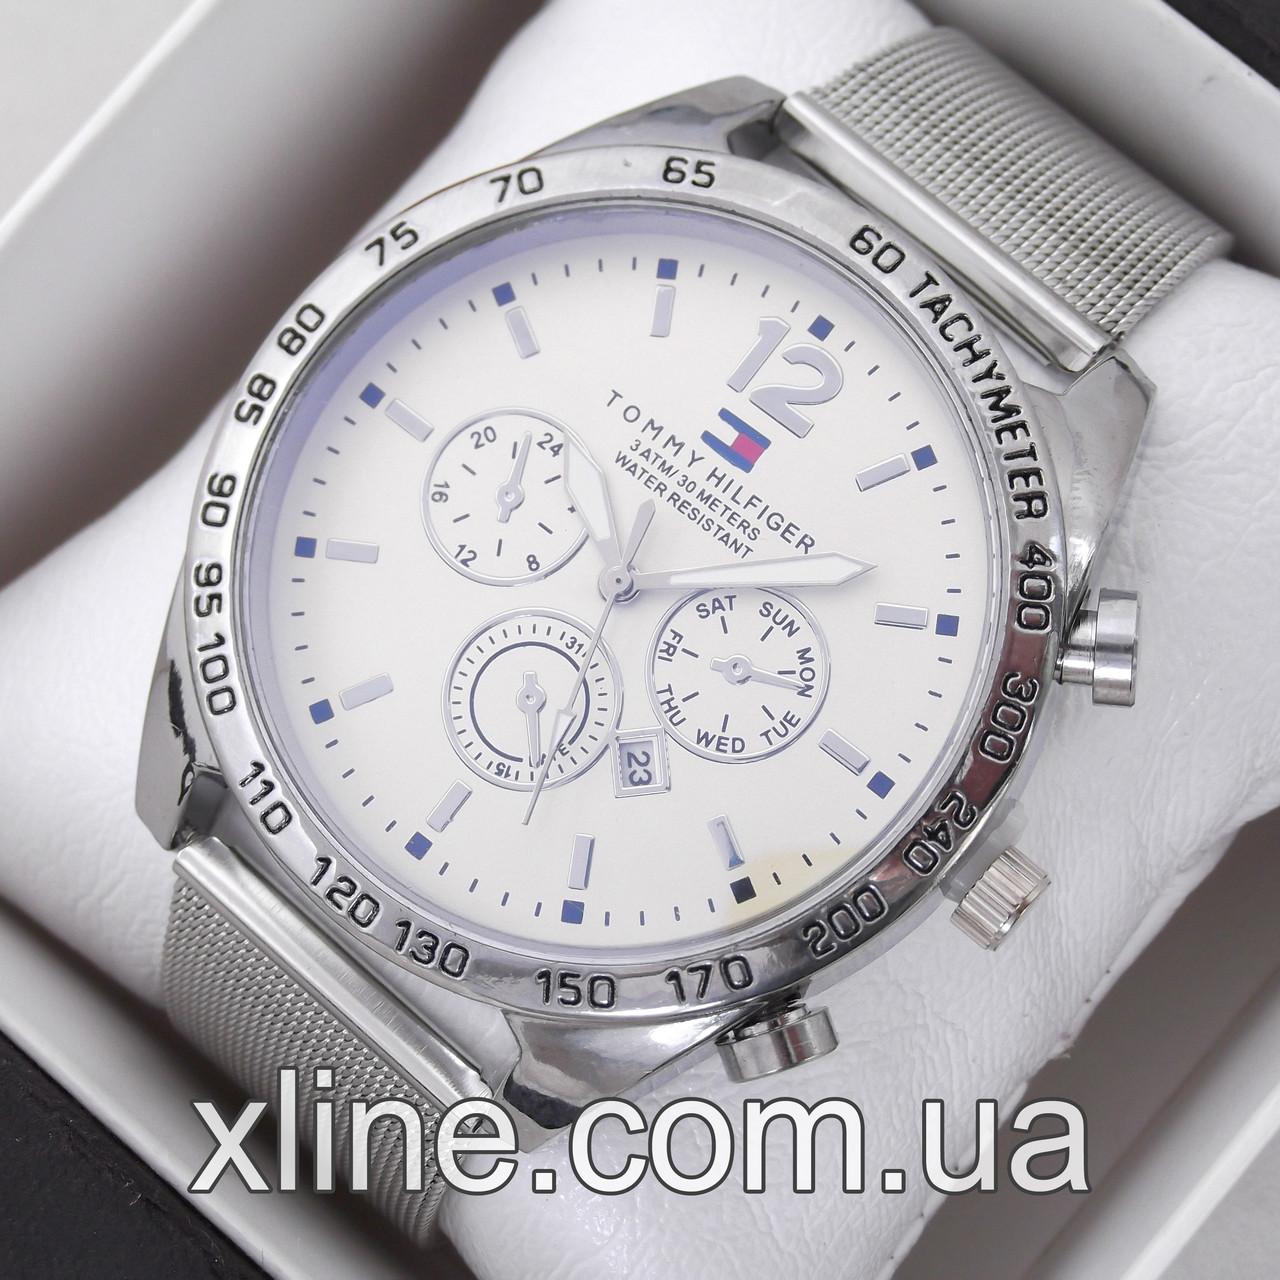 Мужские наручные часы Tommy Hilfiger T98 на металлическом браслете